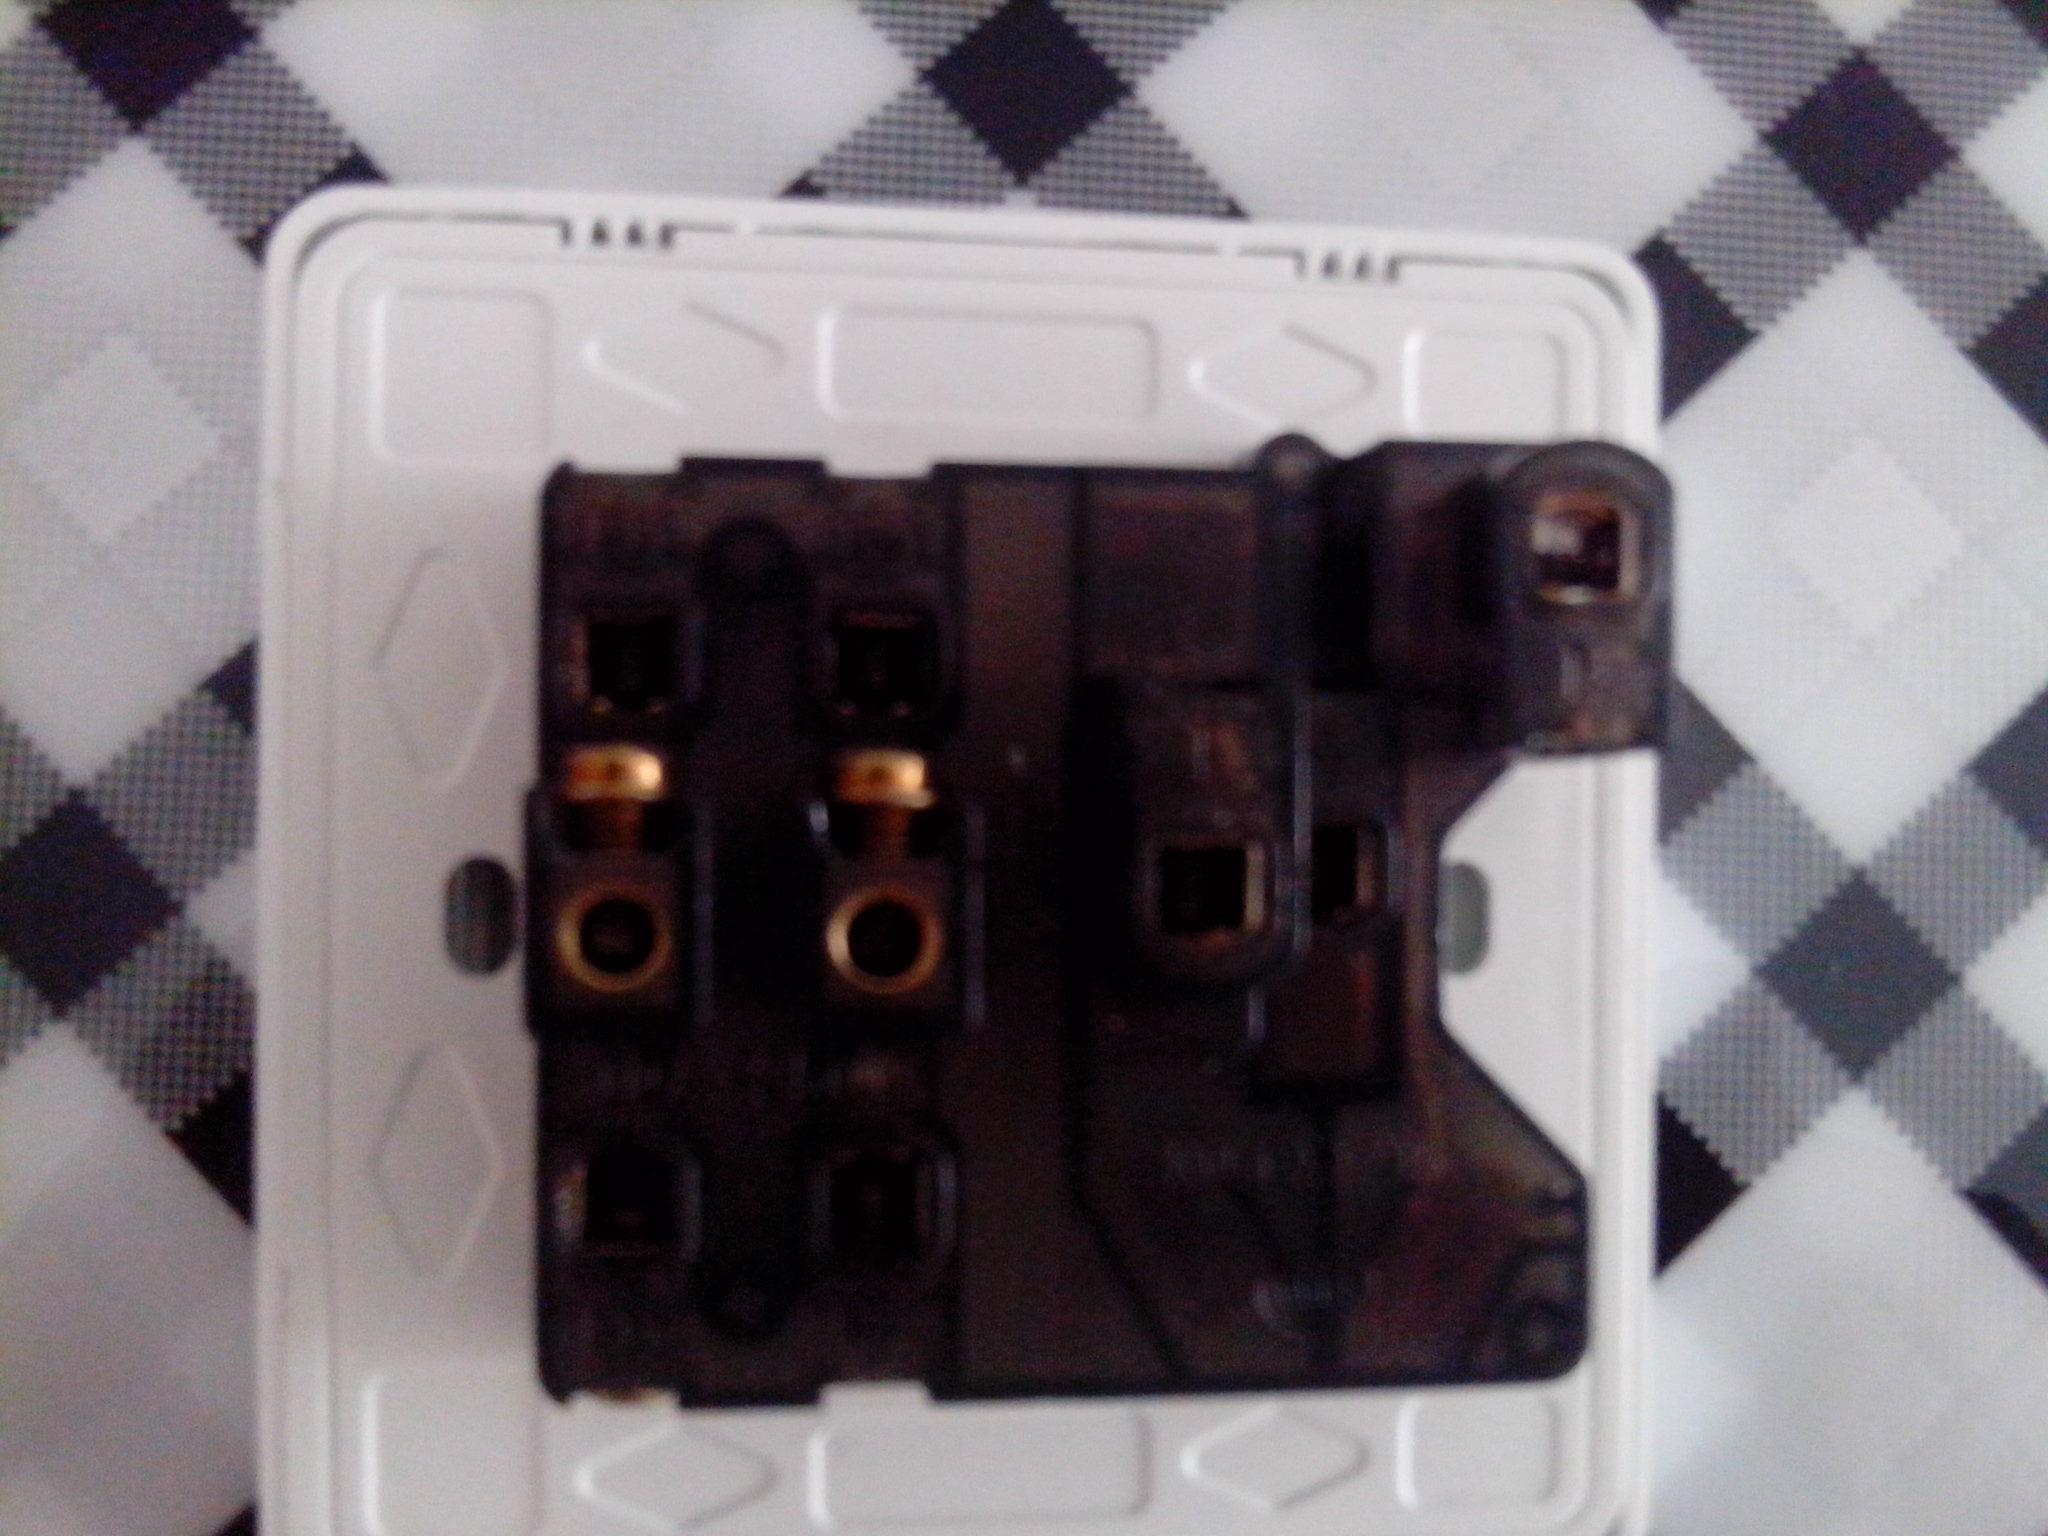 双开五孔插座的连接方式示意图高清图片